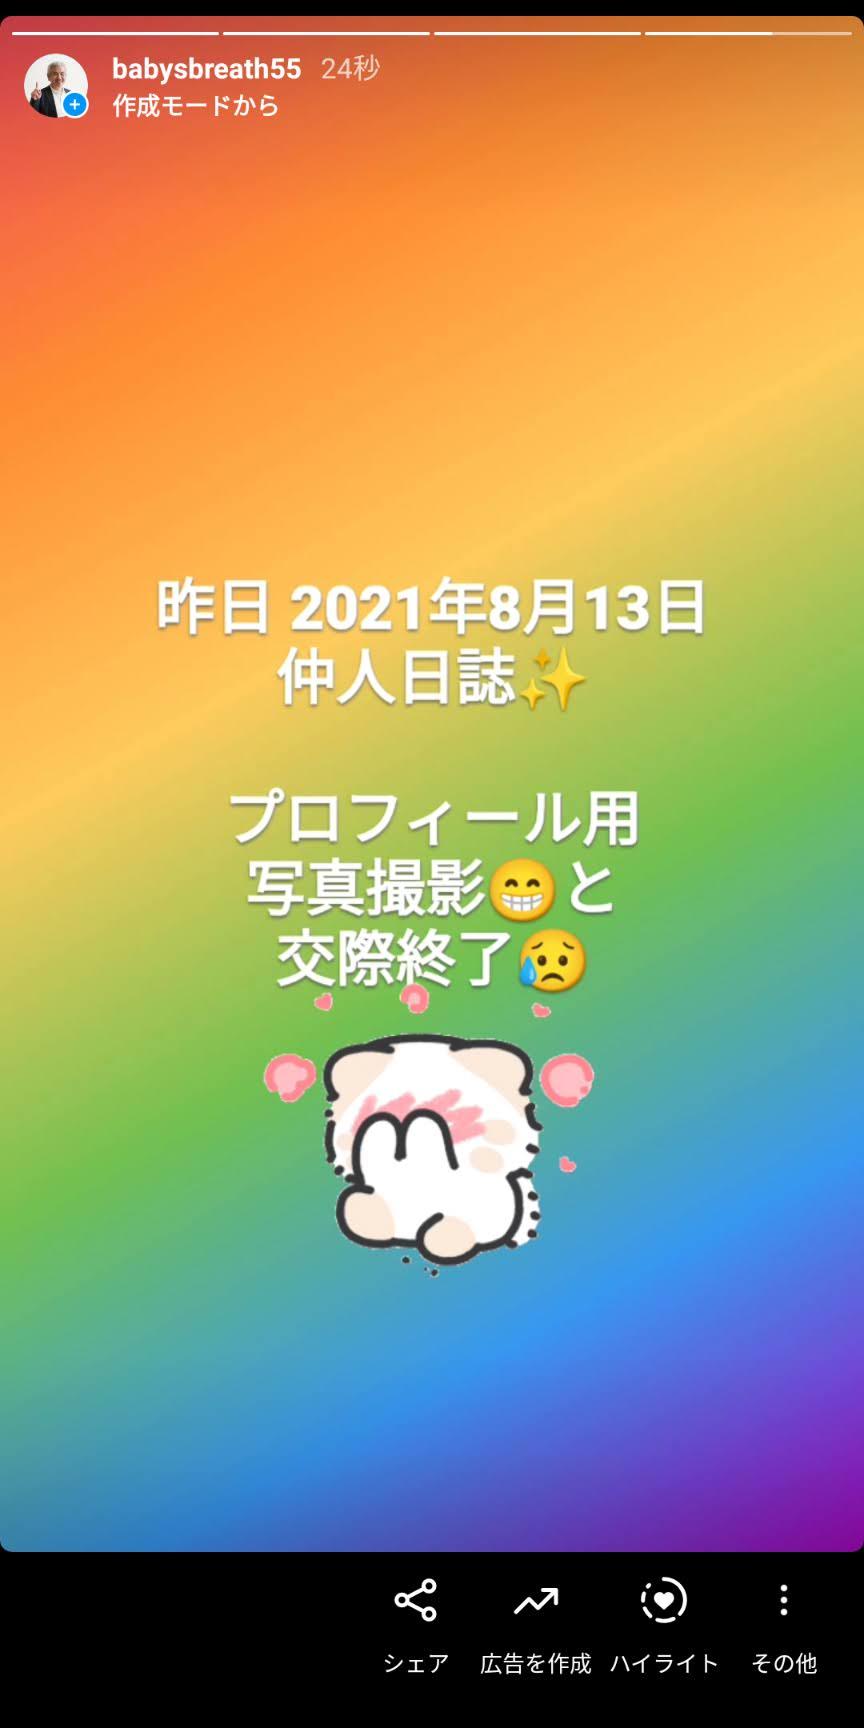 Screenshot_20210814-083453.jpg